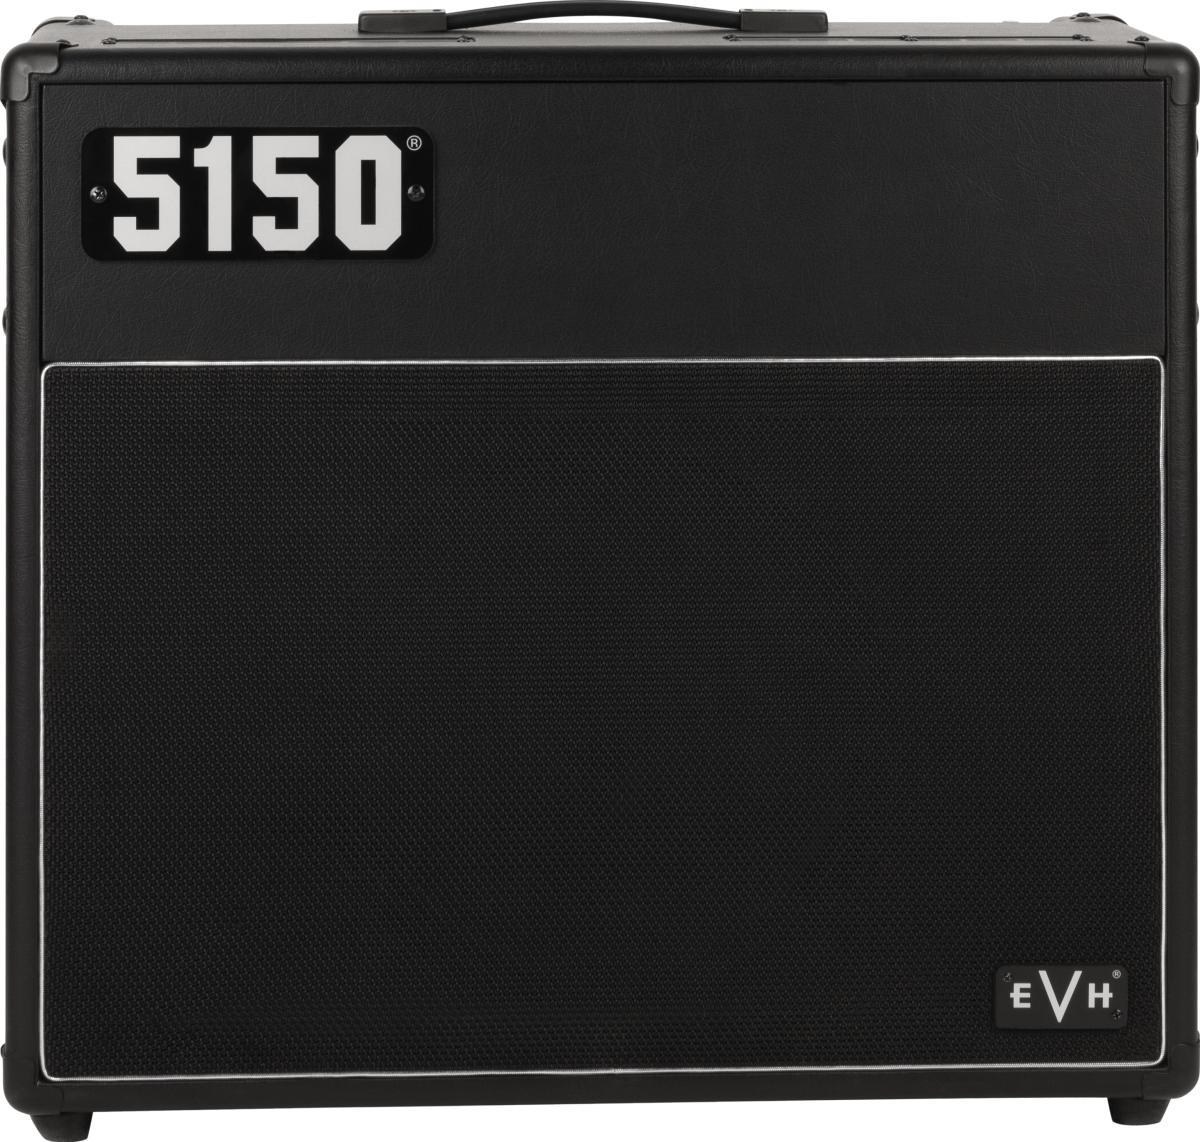 EVH 5150 Iconic Series 40W 1x12 Combo, Black,230V EUR